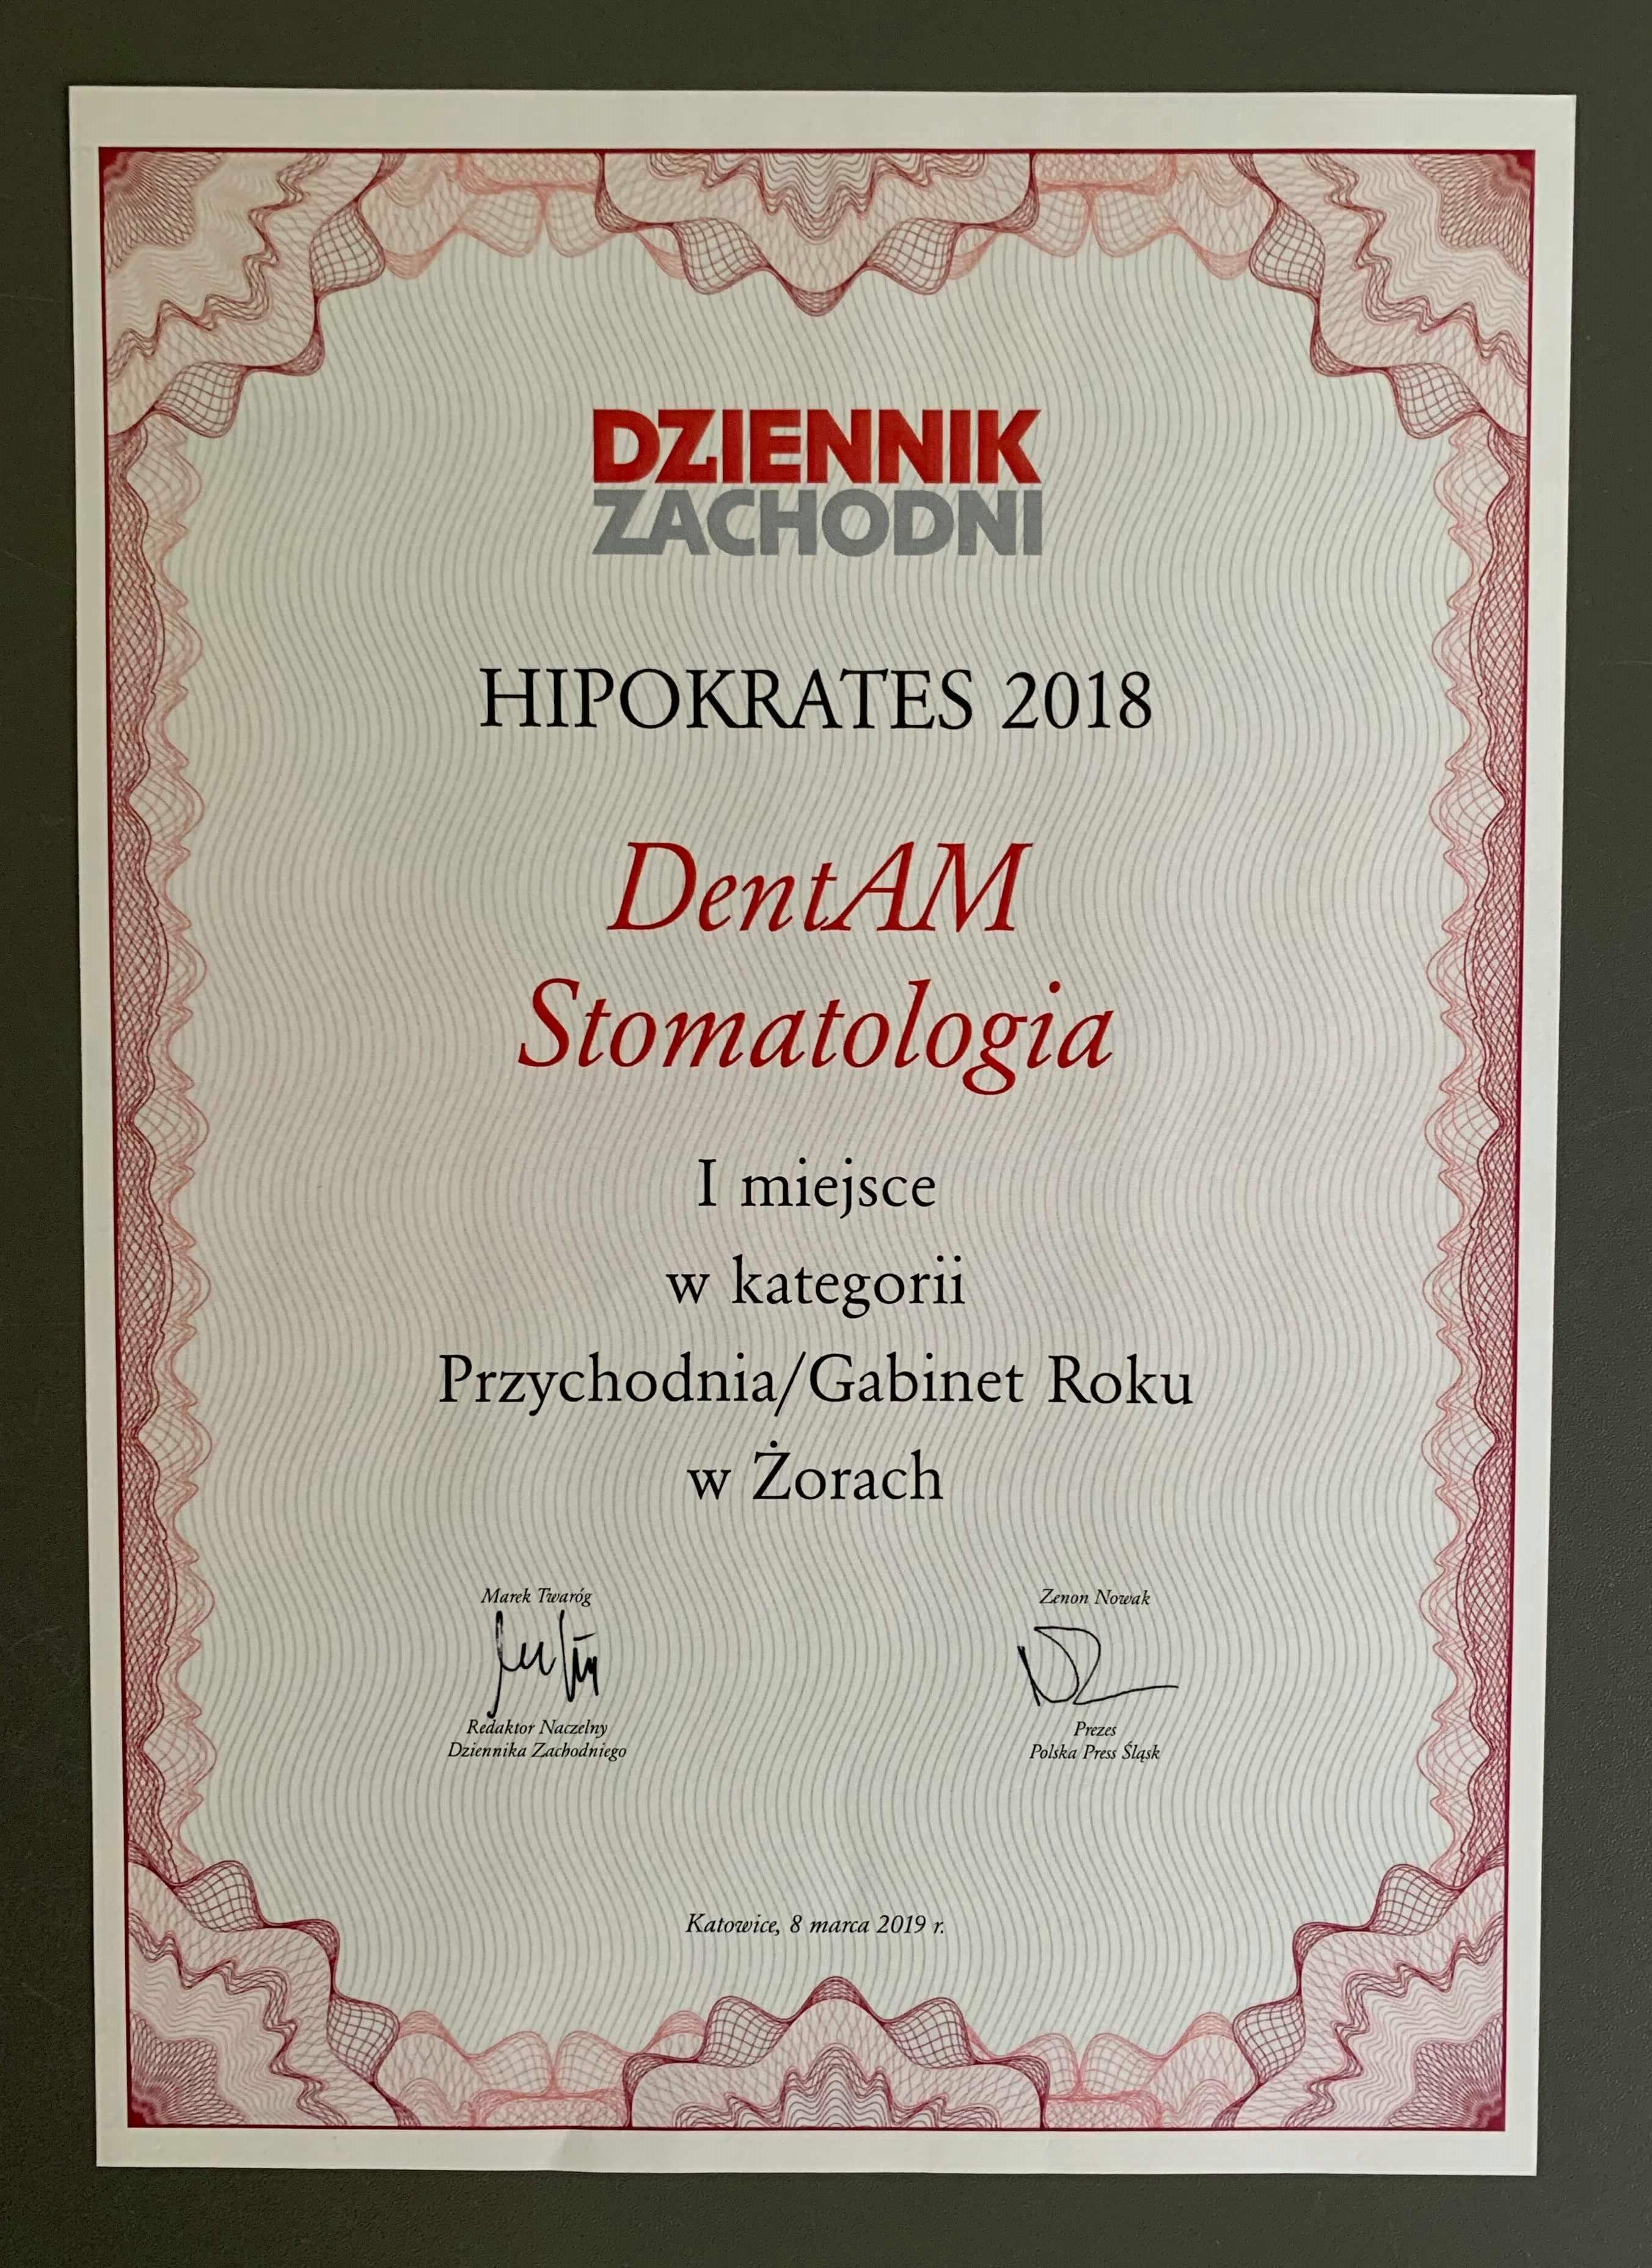 DentAM Stomatologia Hipokrates 2018